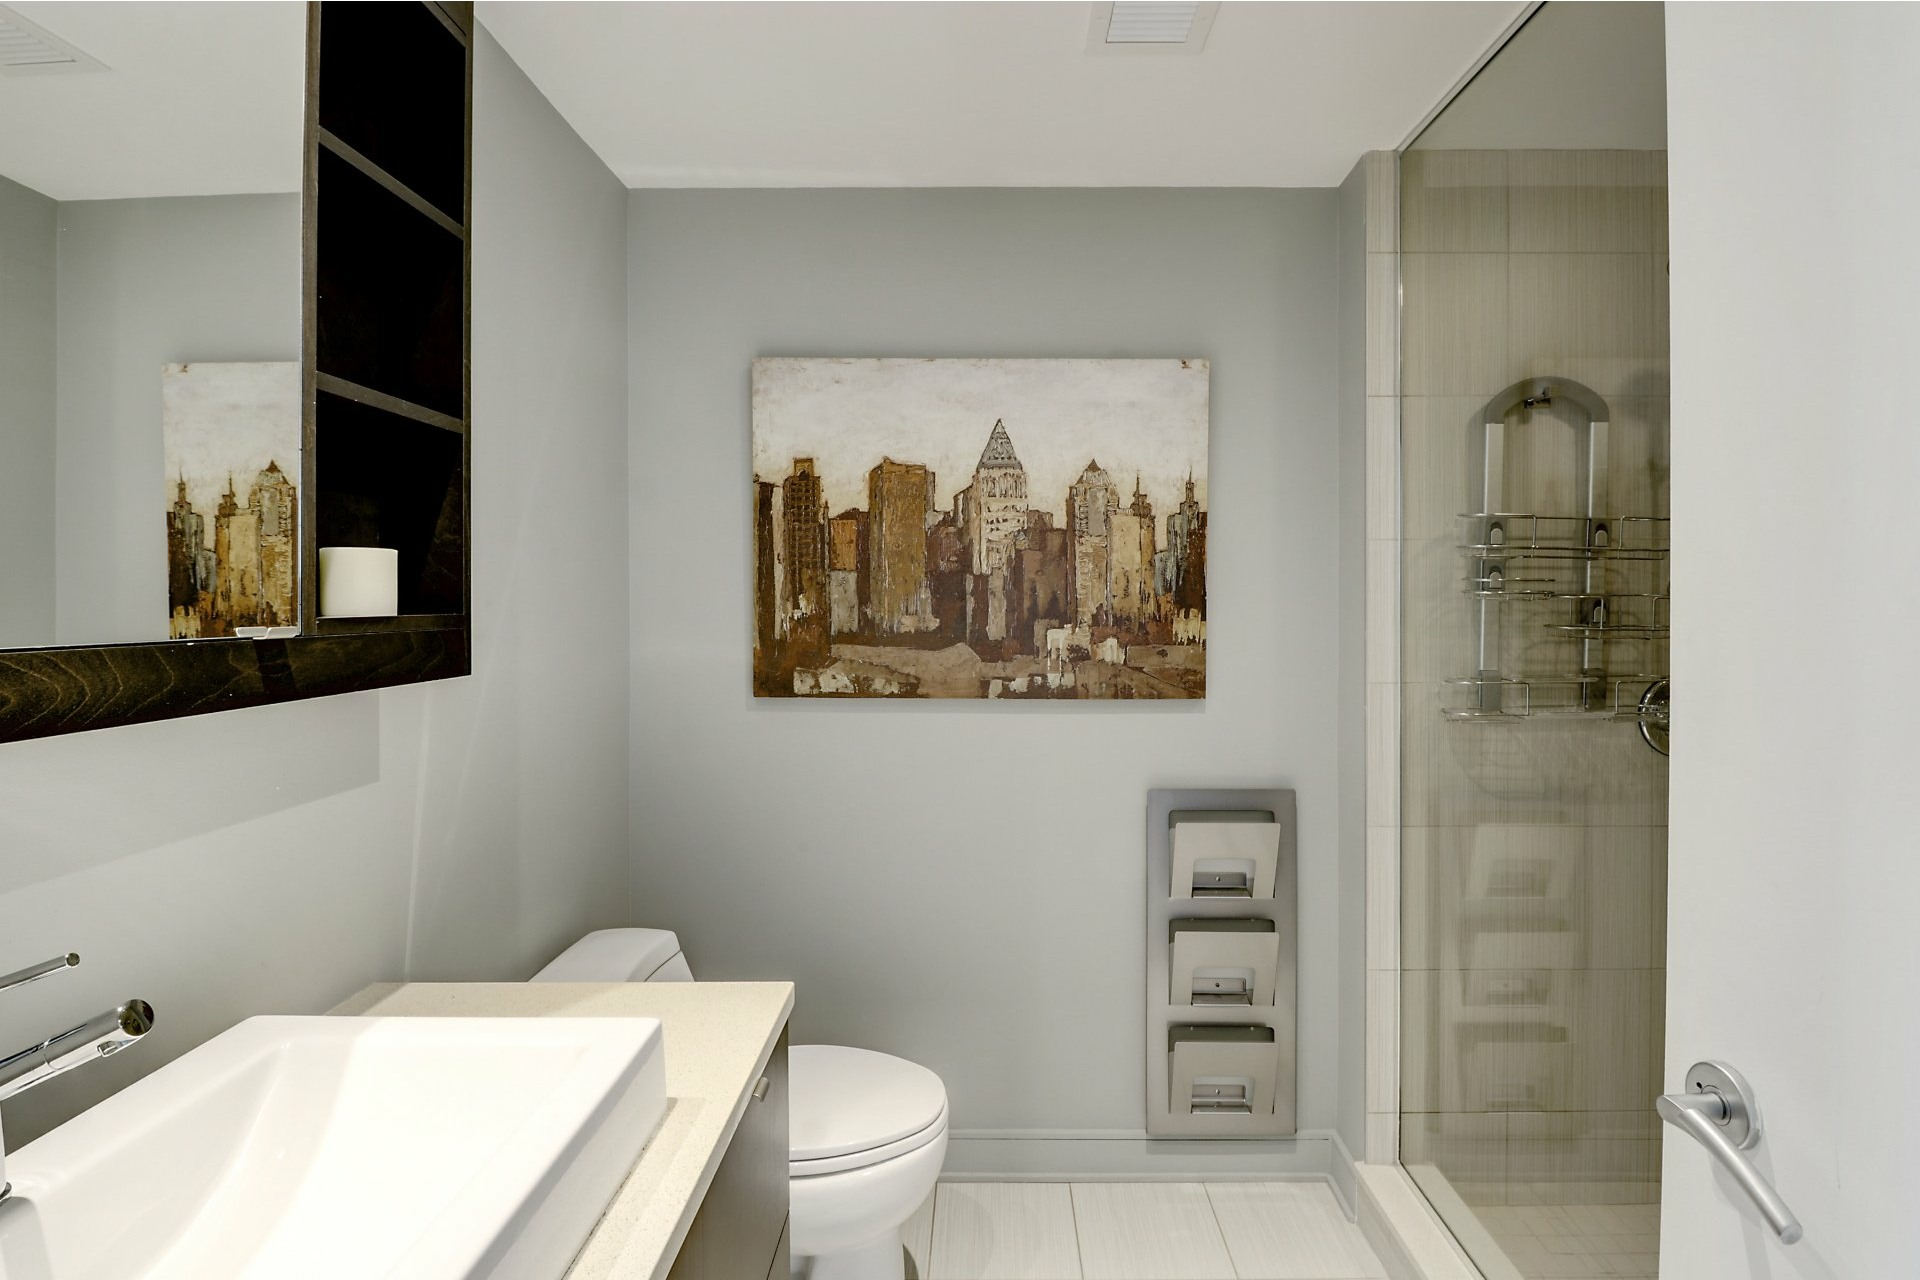 image 13 - Appartement À vendre Verdun/Île-des-Soeurs Montréal  - 5 pièces